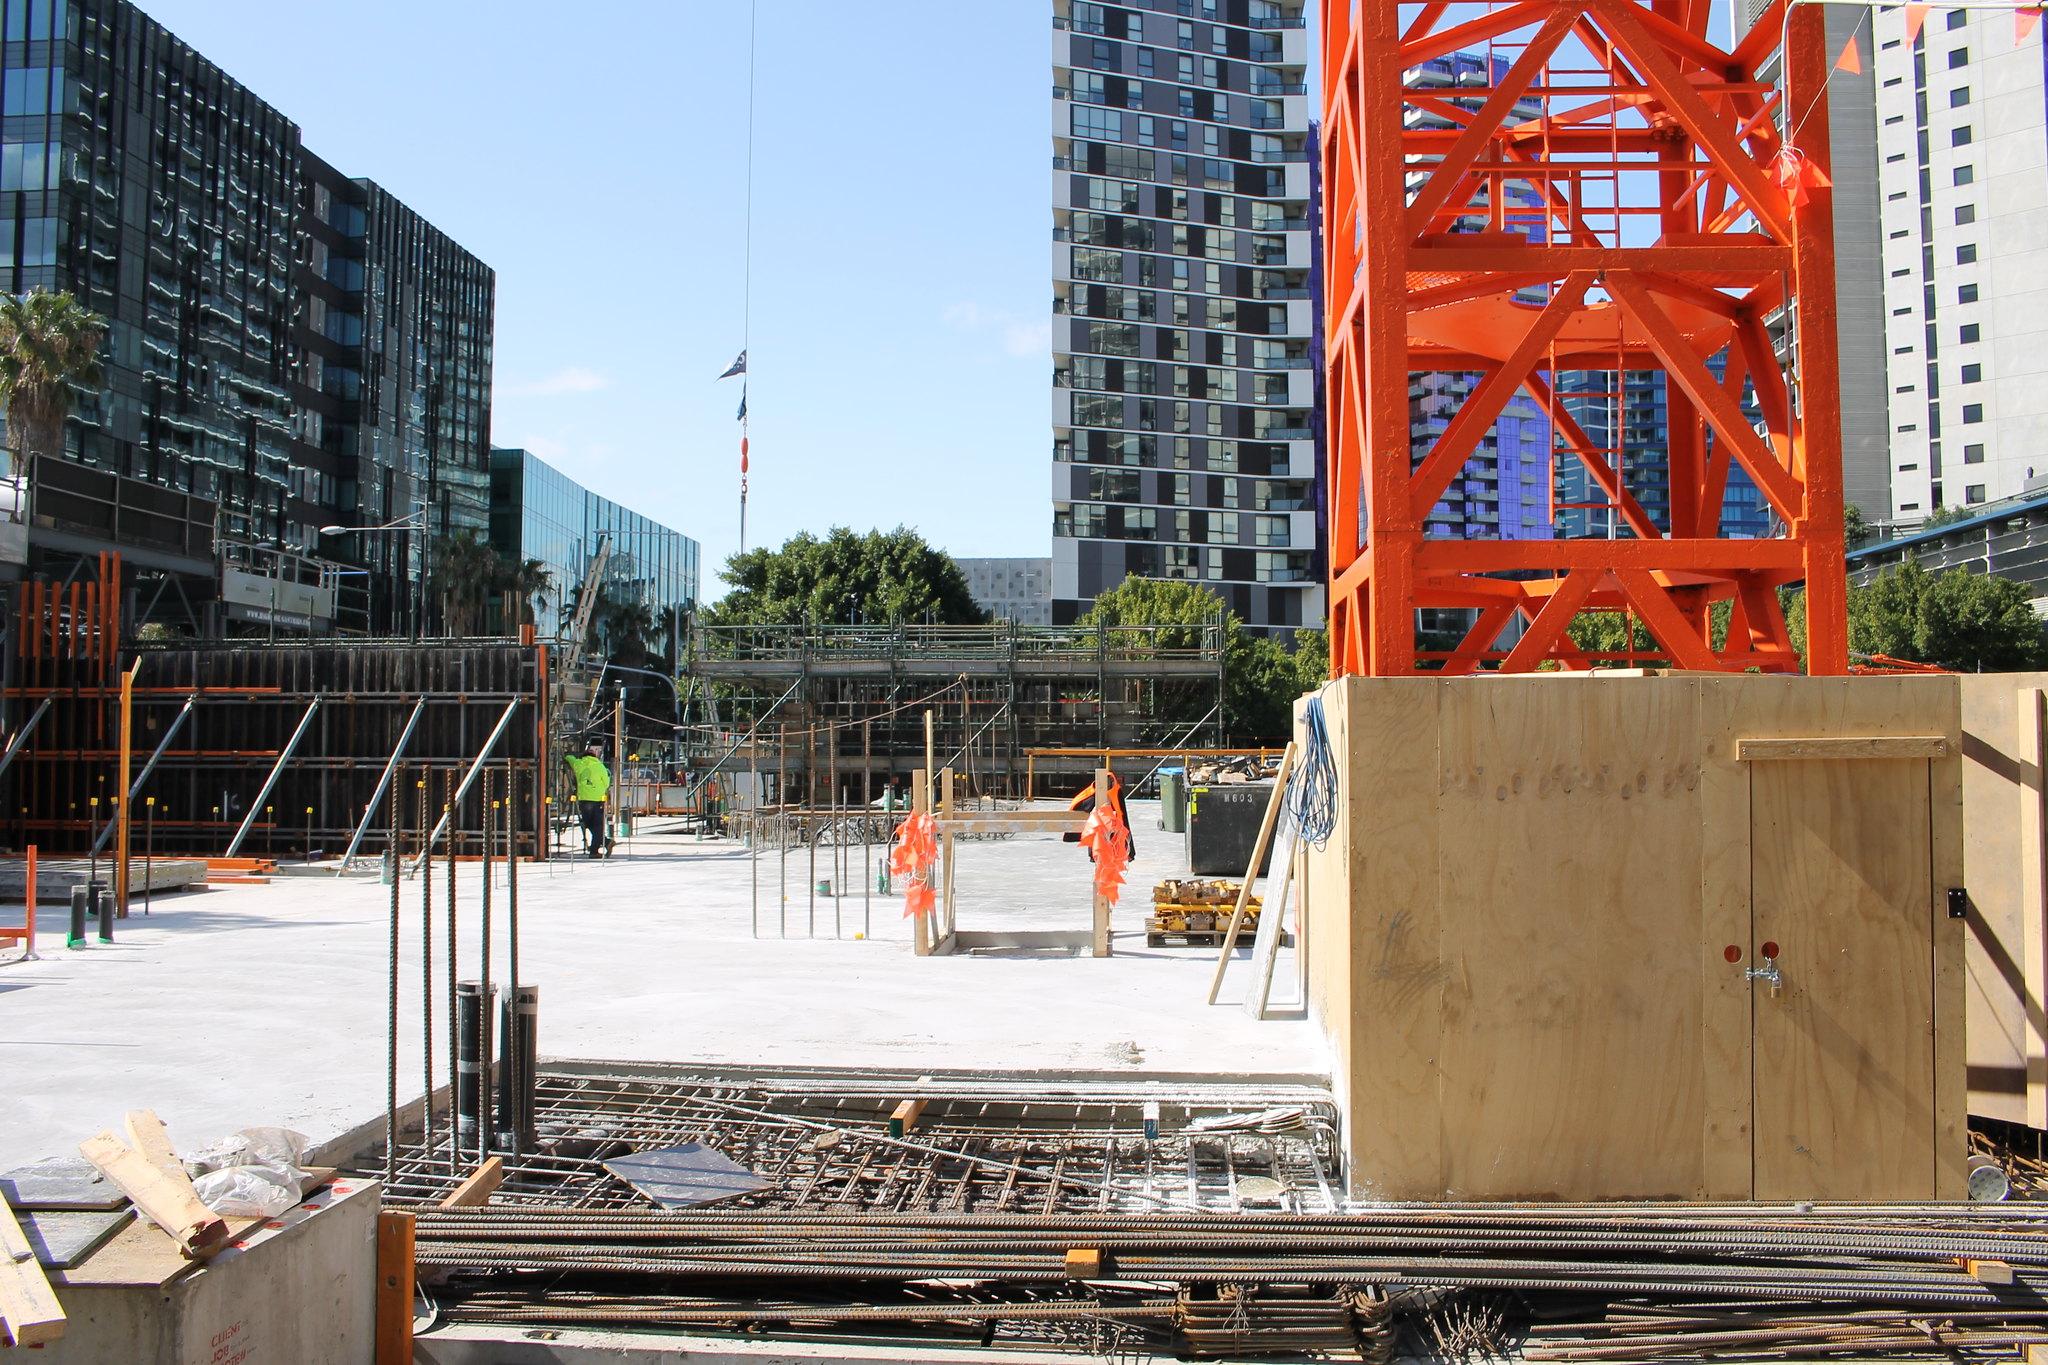 DOCKLANDS | Elm & Stone / Quest Docklands | 387-395 Docklands Drive | 57m | 17L | Residential